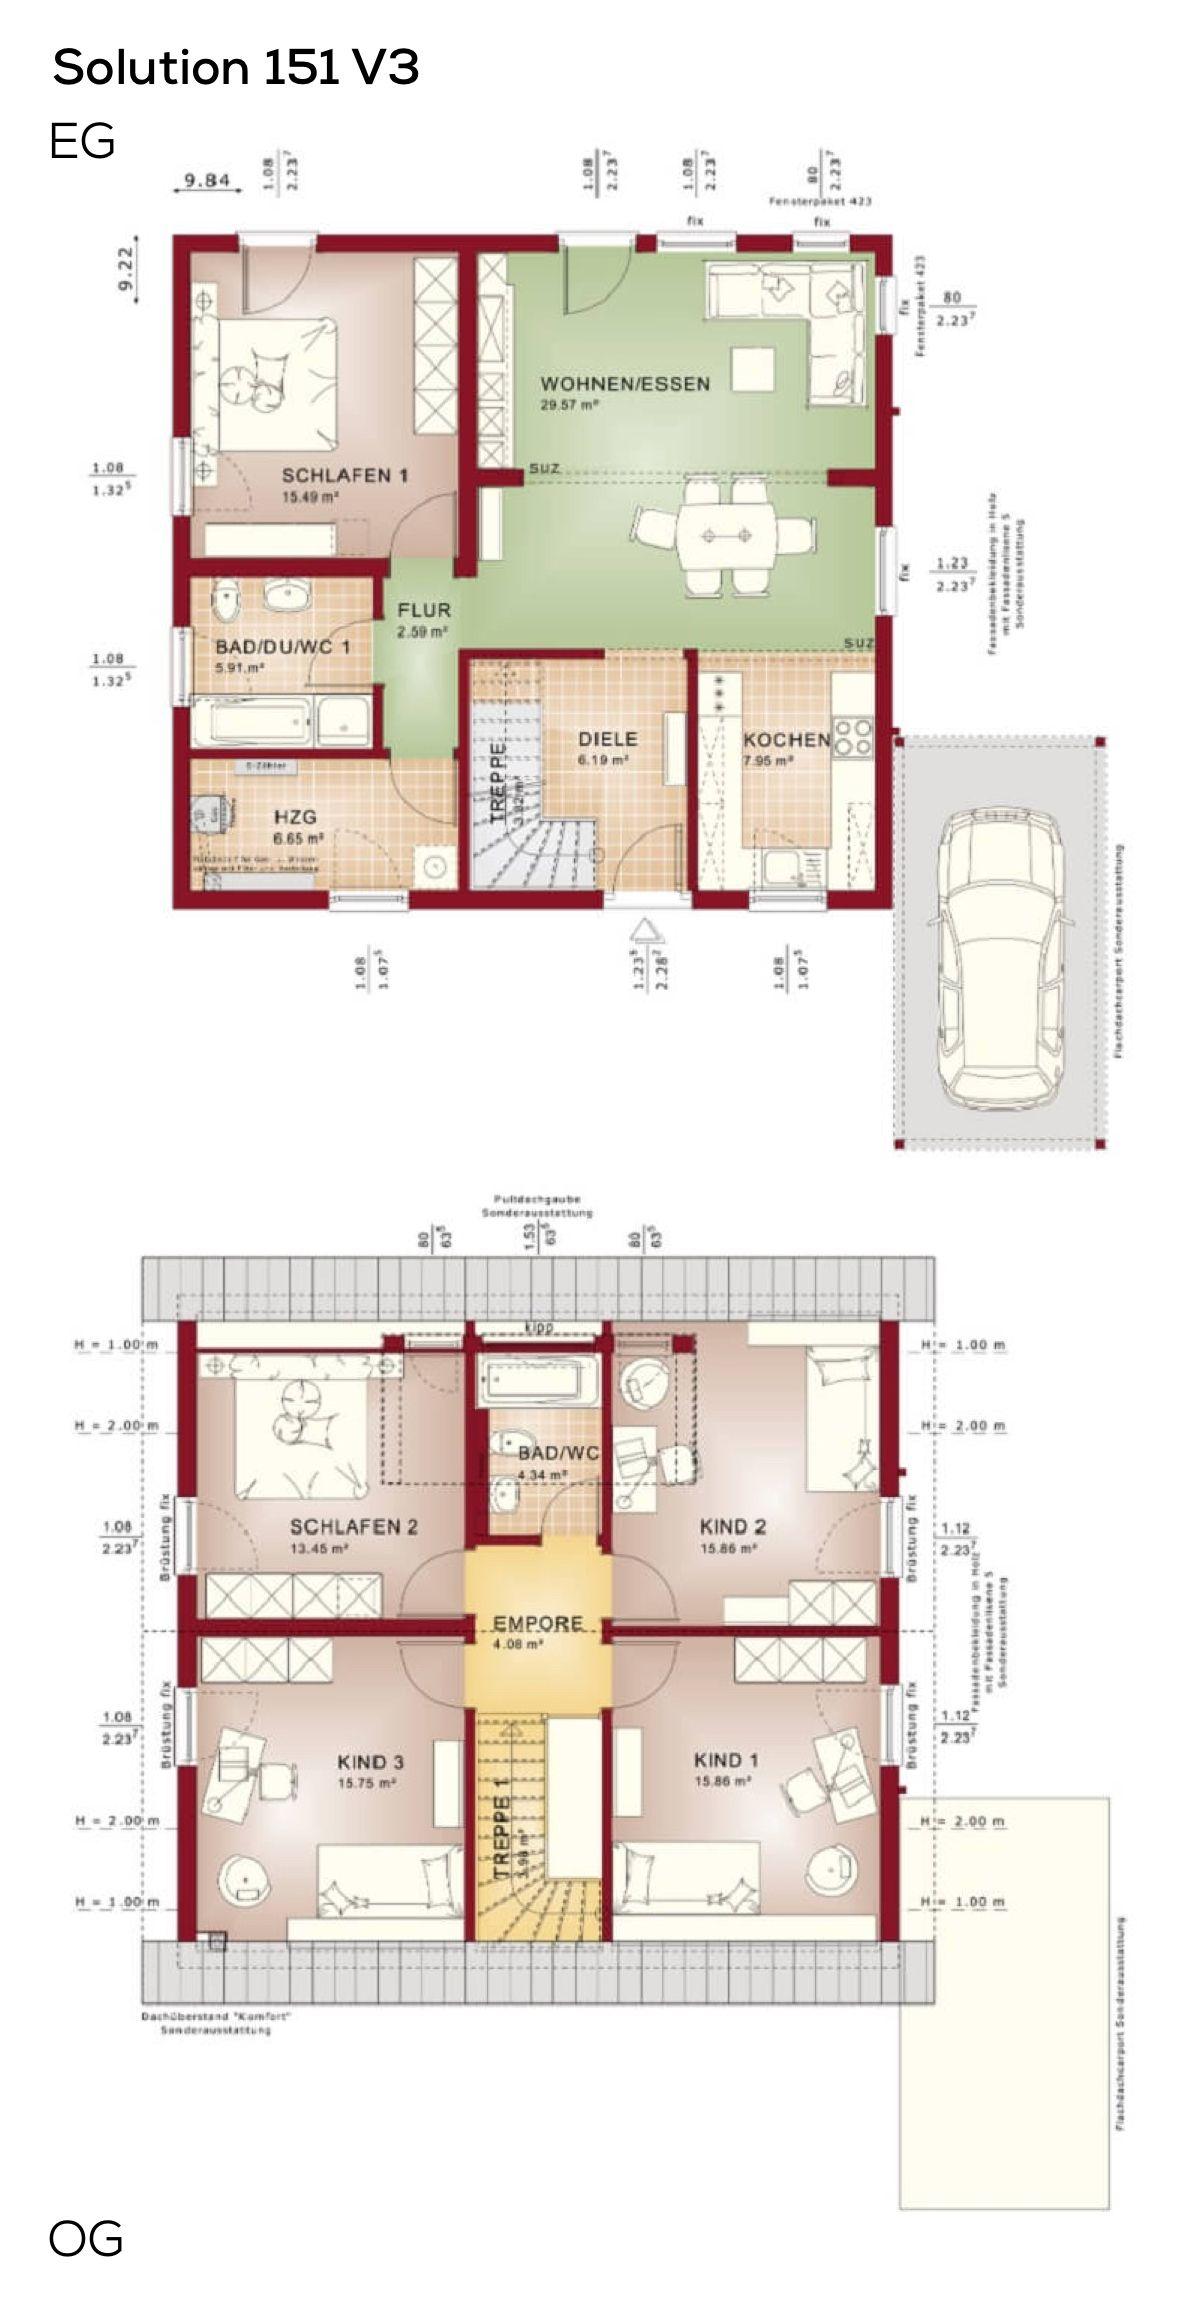 grundrisse einfamilienhaus mit satteldach und carport 6 zimmer grundriss erdgeschoss modern. Black Bedroom Furniture Sets. Home Design Ideas